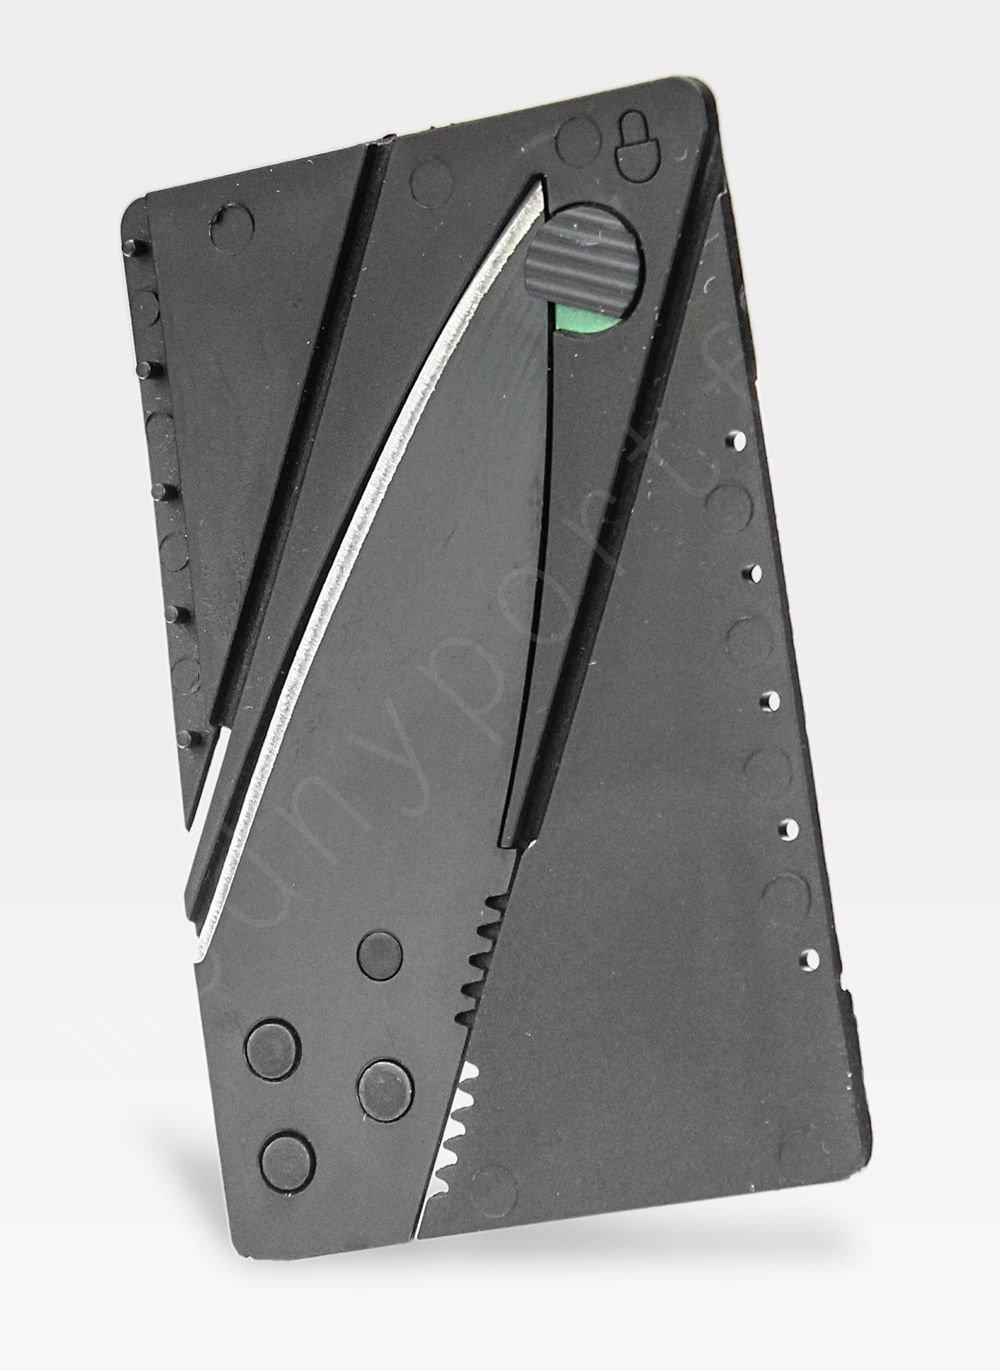 Peterson portfel męski skórzany evil blade rfid ! Zdjęcie